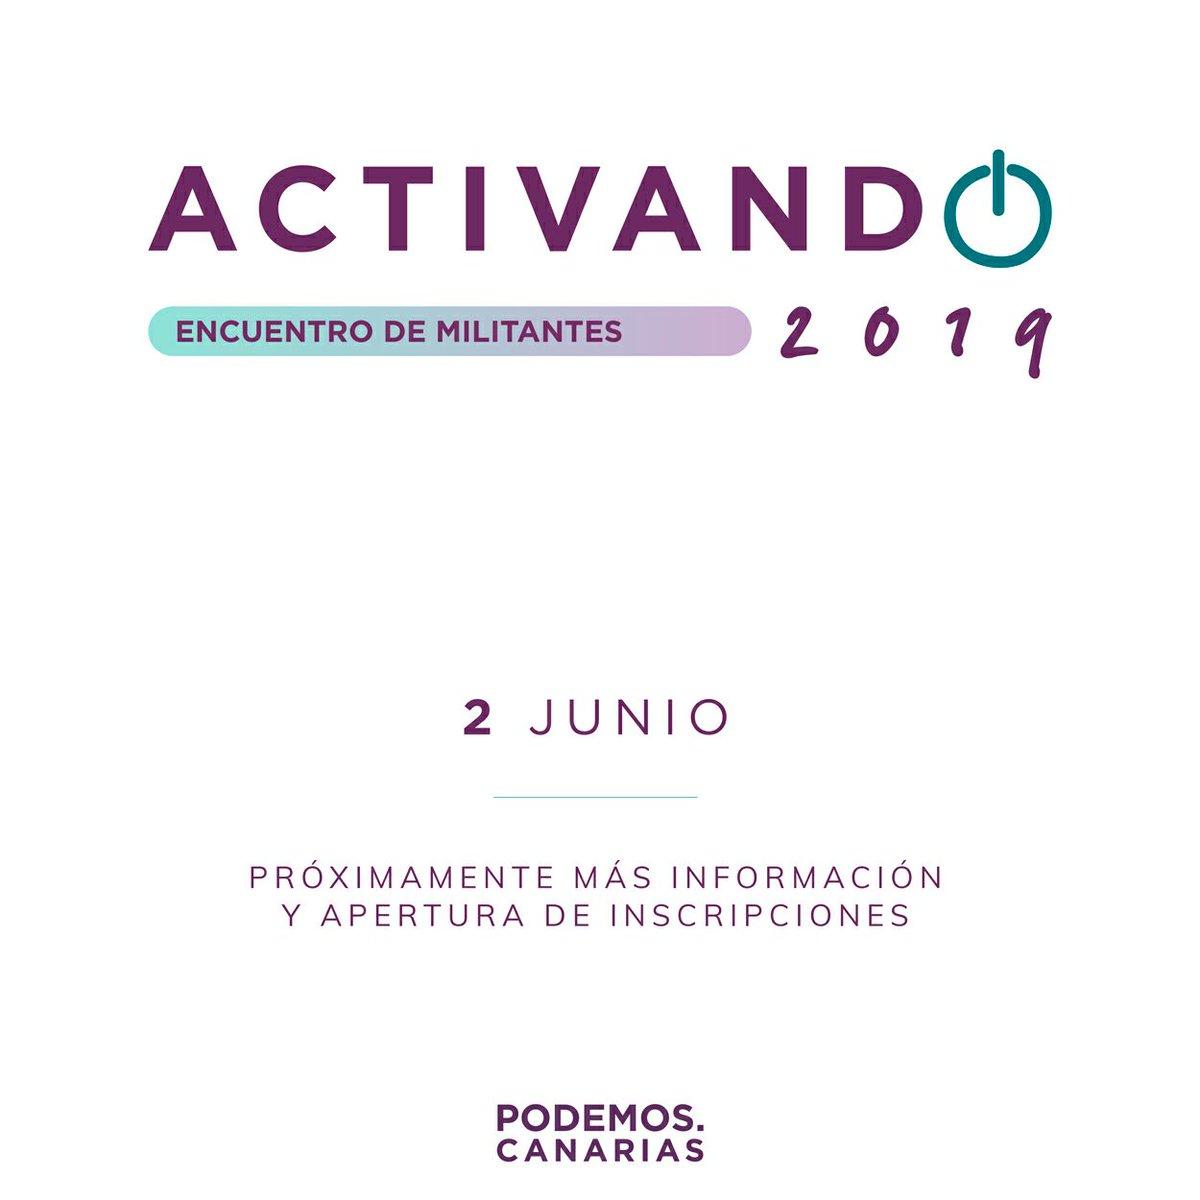 ¡El próximo 2 de junio nos vemos en Gran Canaria! 🙋🙋 #Activando2019